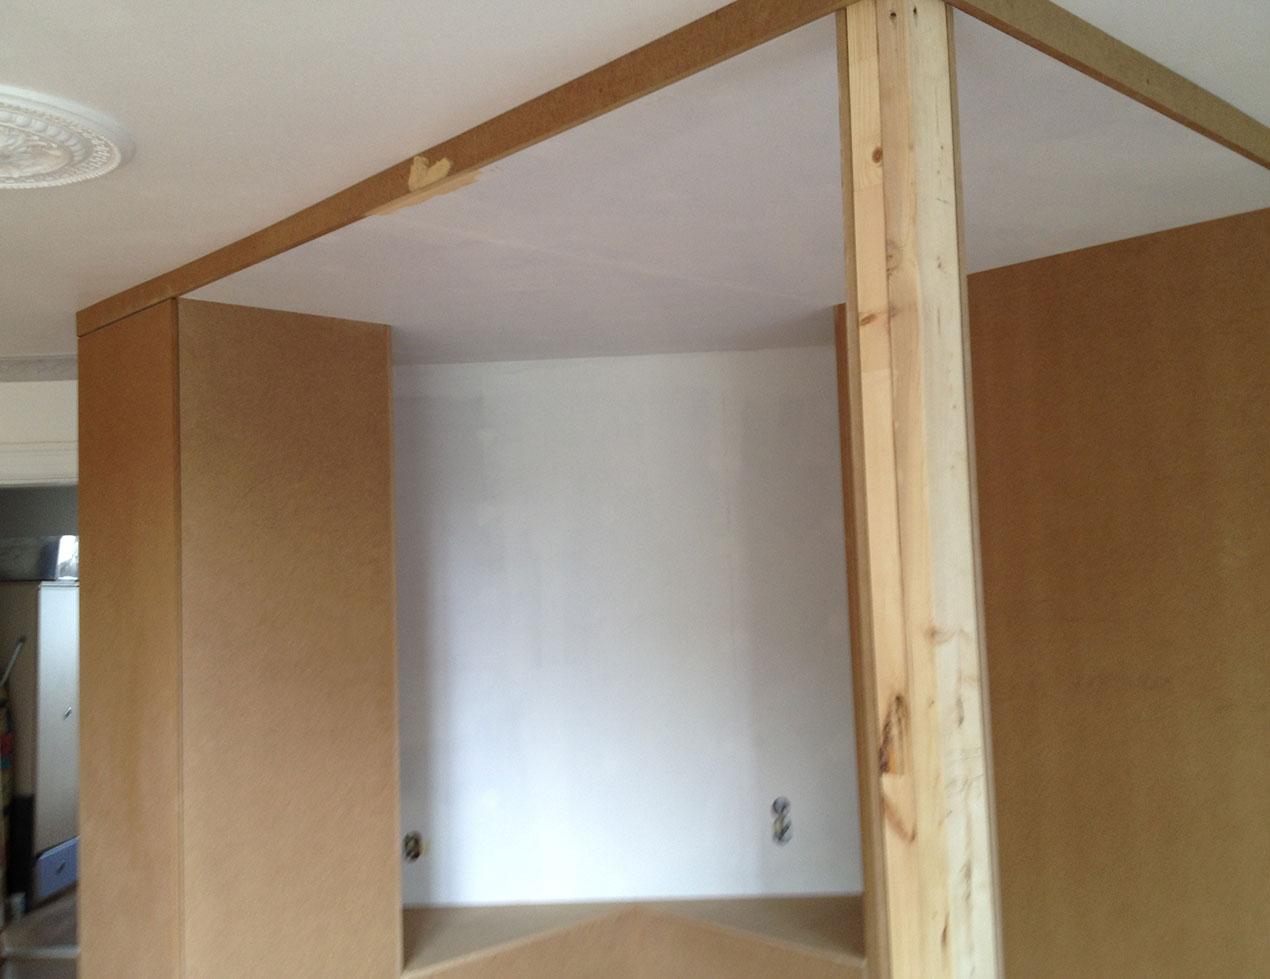 Rummet bygges færdig med MDF-plader